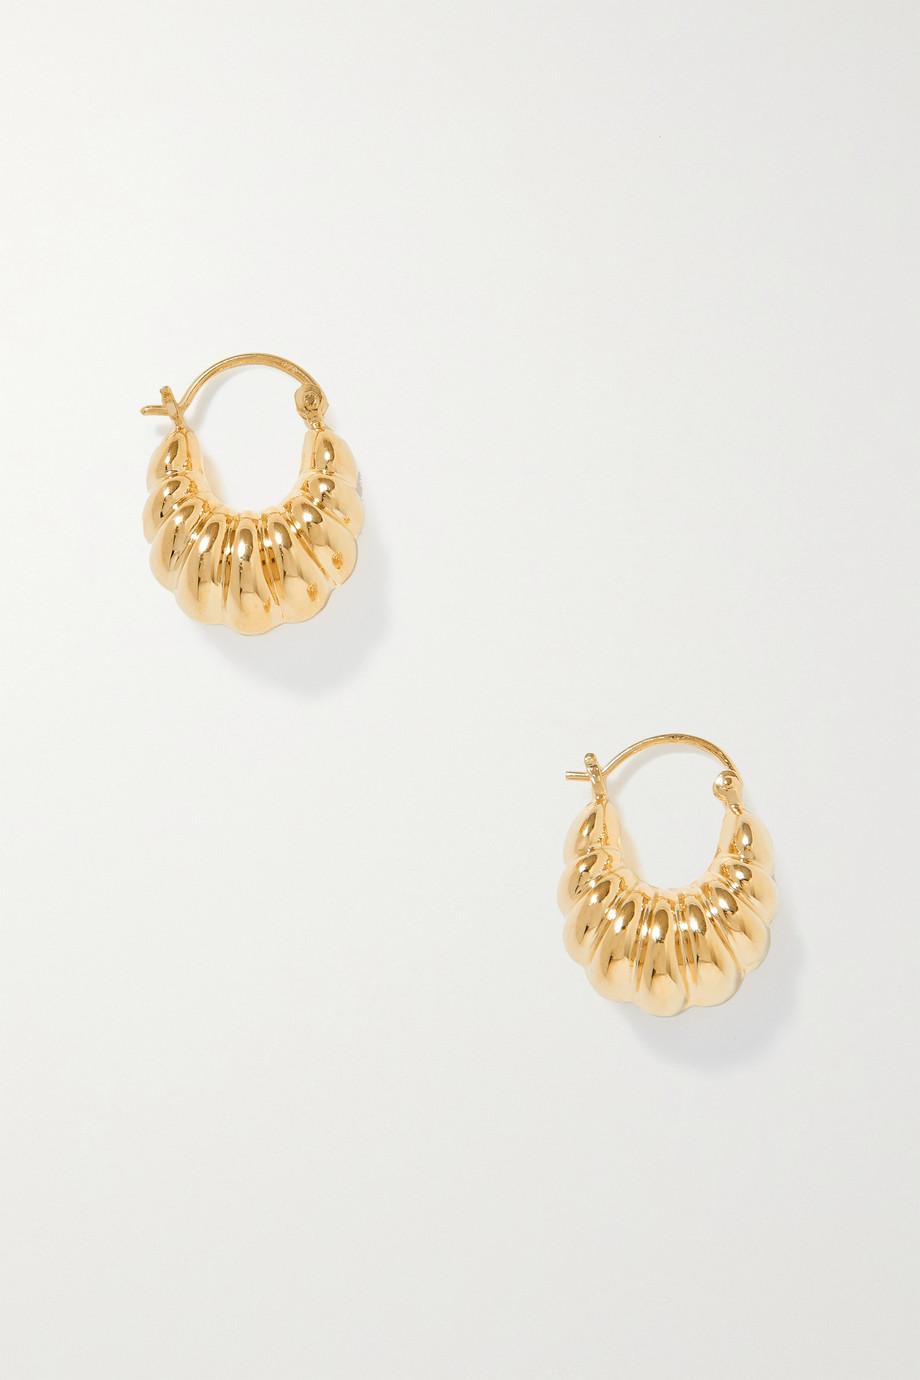 Sophie Buhai Boucles d'oreilles dorées